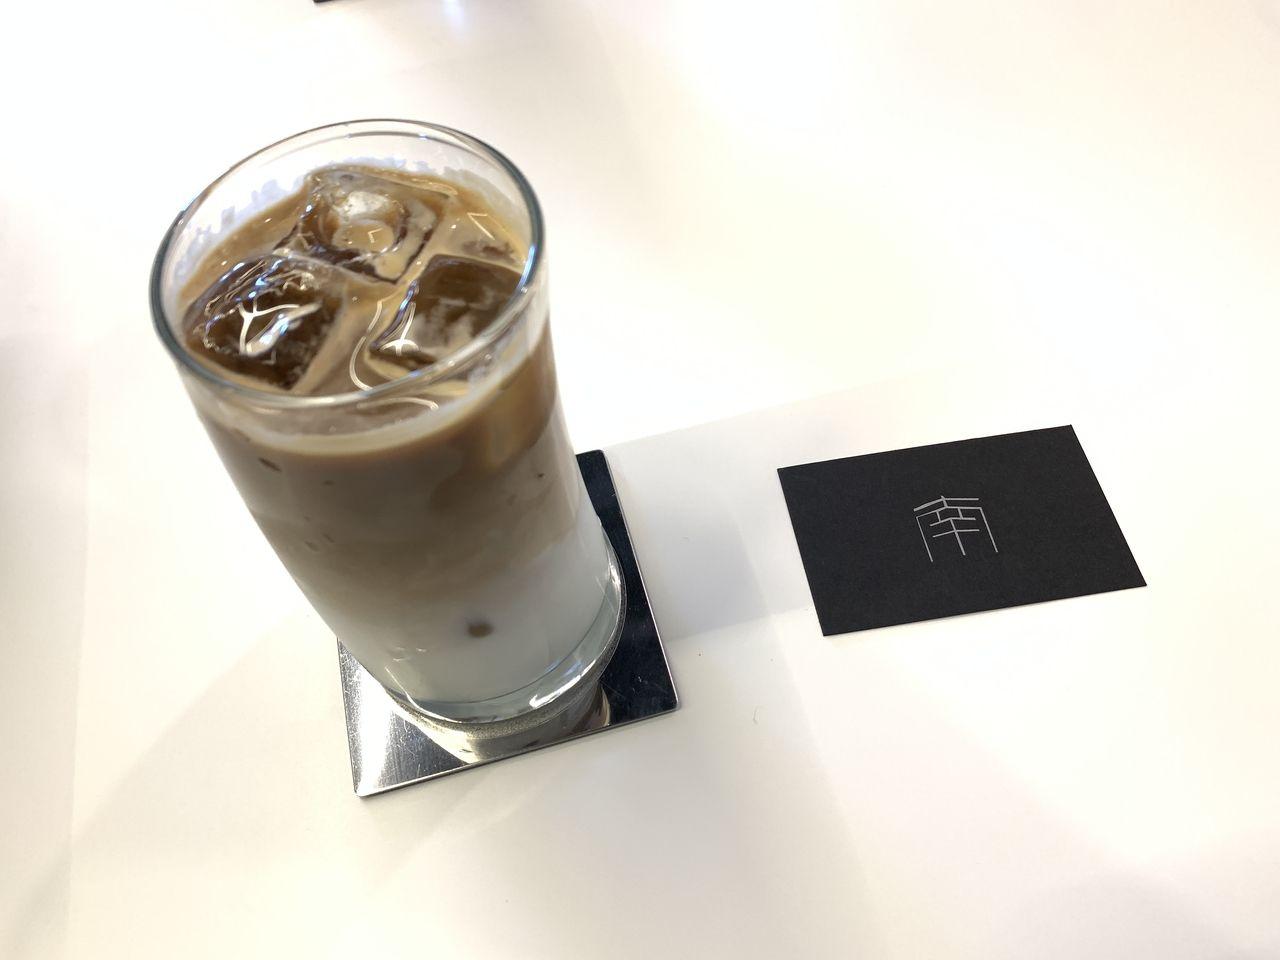 cafeNAMS(カフェナムス)のカフェラテの写真